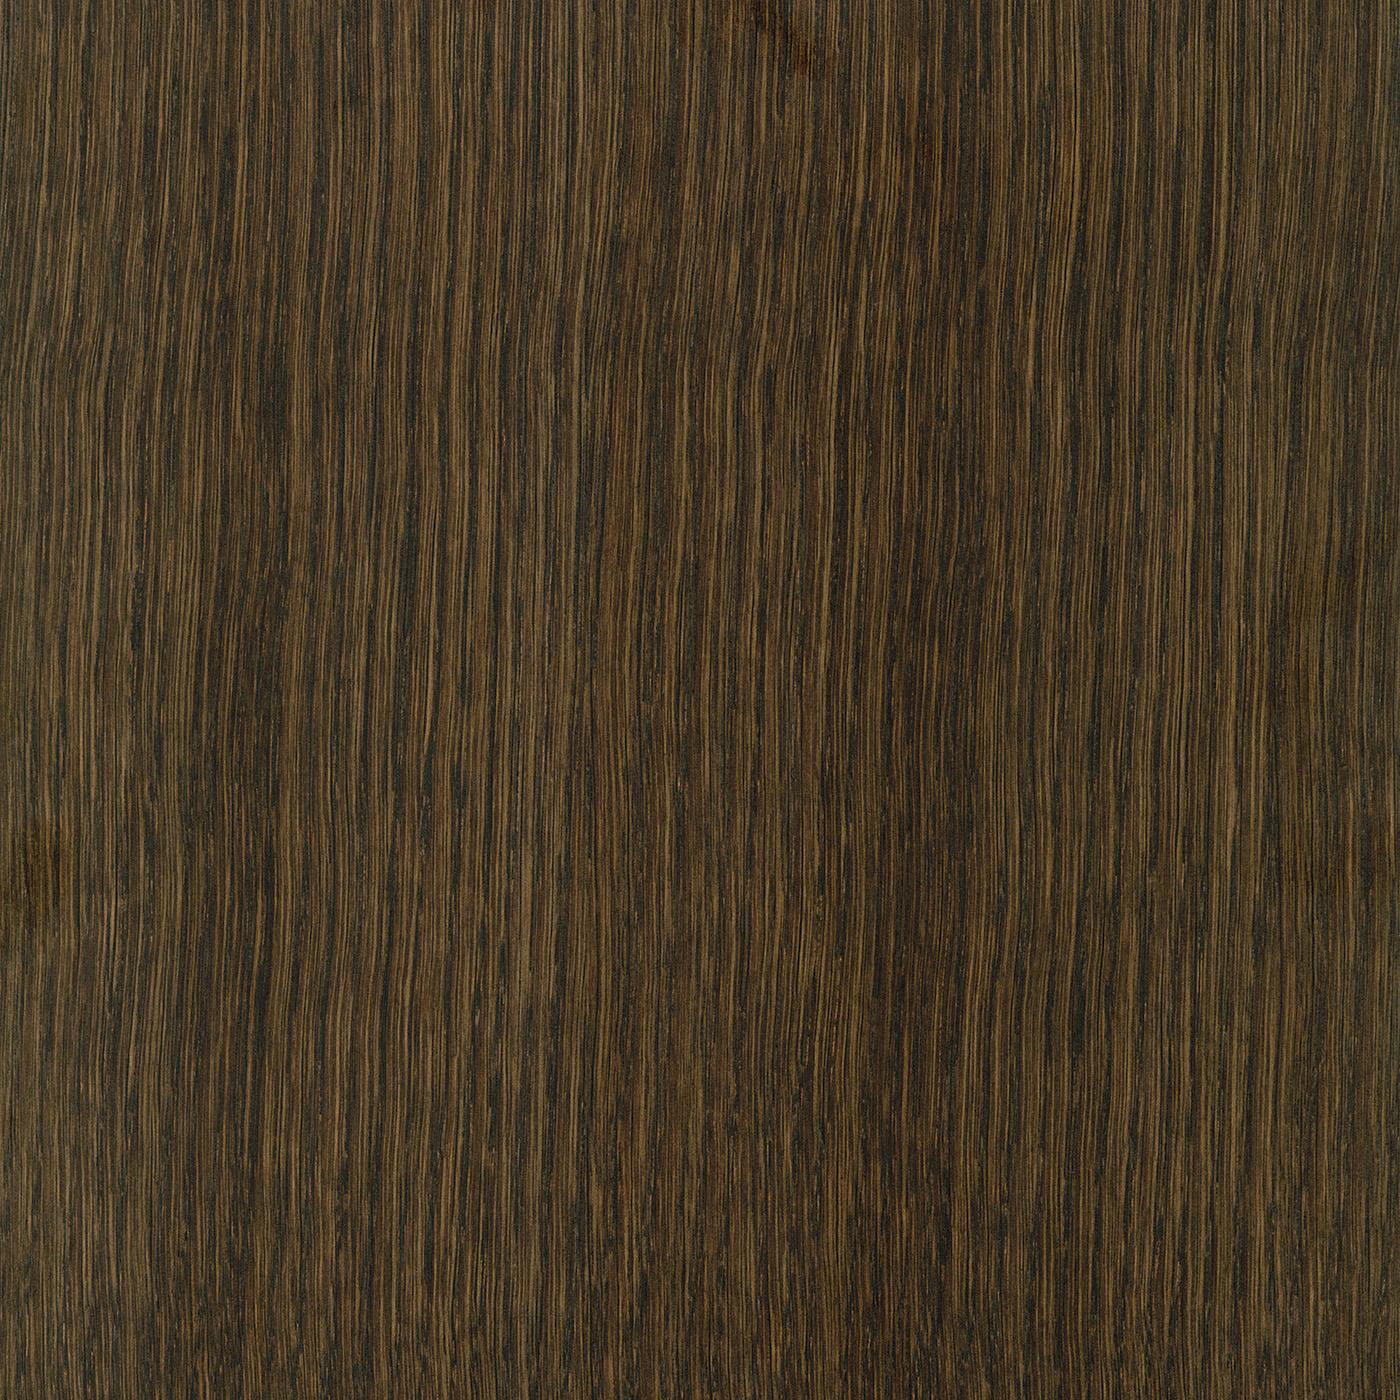 977 Bog Oak Laminate Countertops